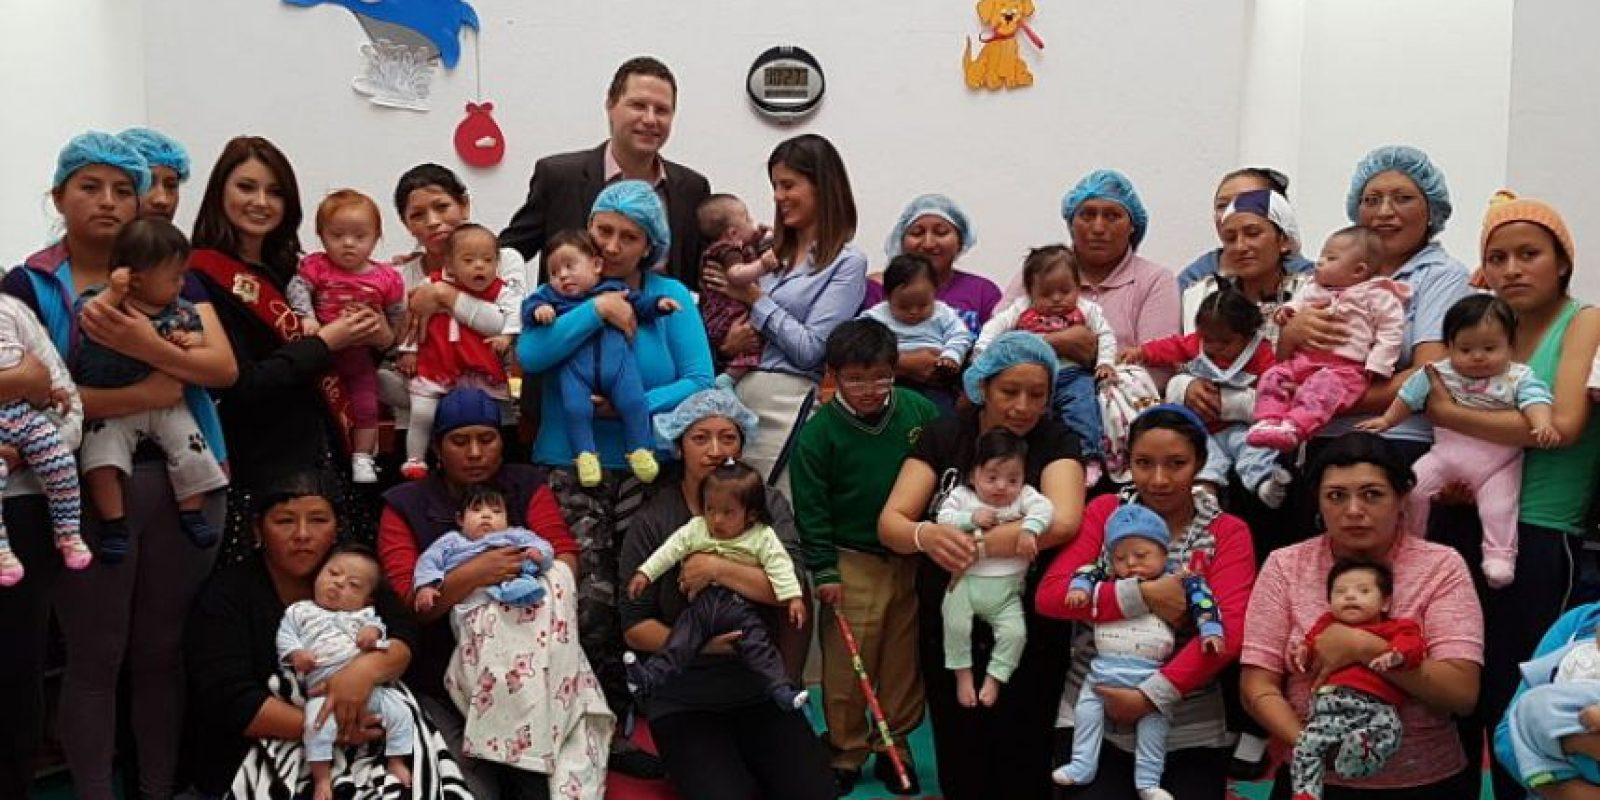 Alcalde Mauricio Rodas; la presidenta del Patronato San José, María Fernanda Pacheco; y la Reina de Quito, Angie Vergara Foto:Andrea Martínez. Imagen Por: